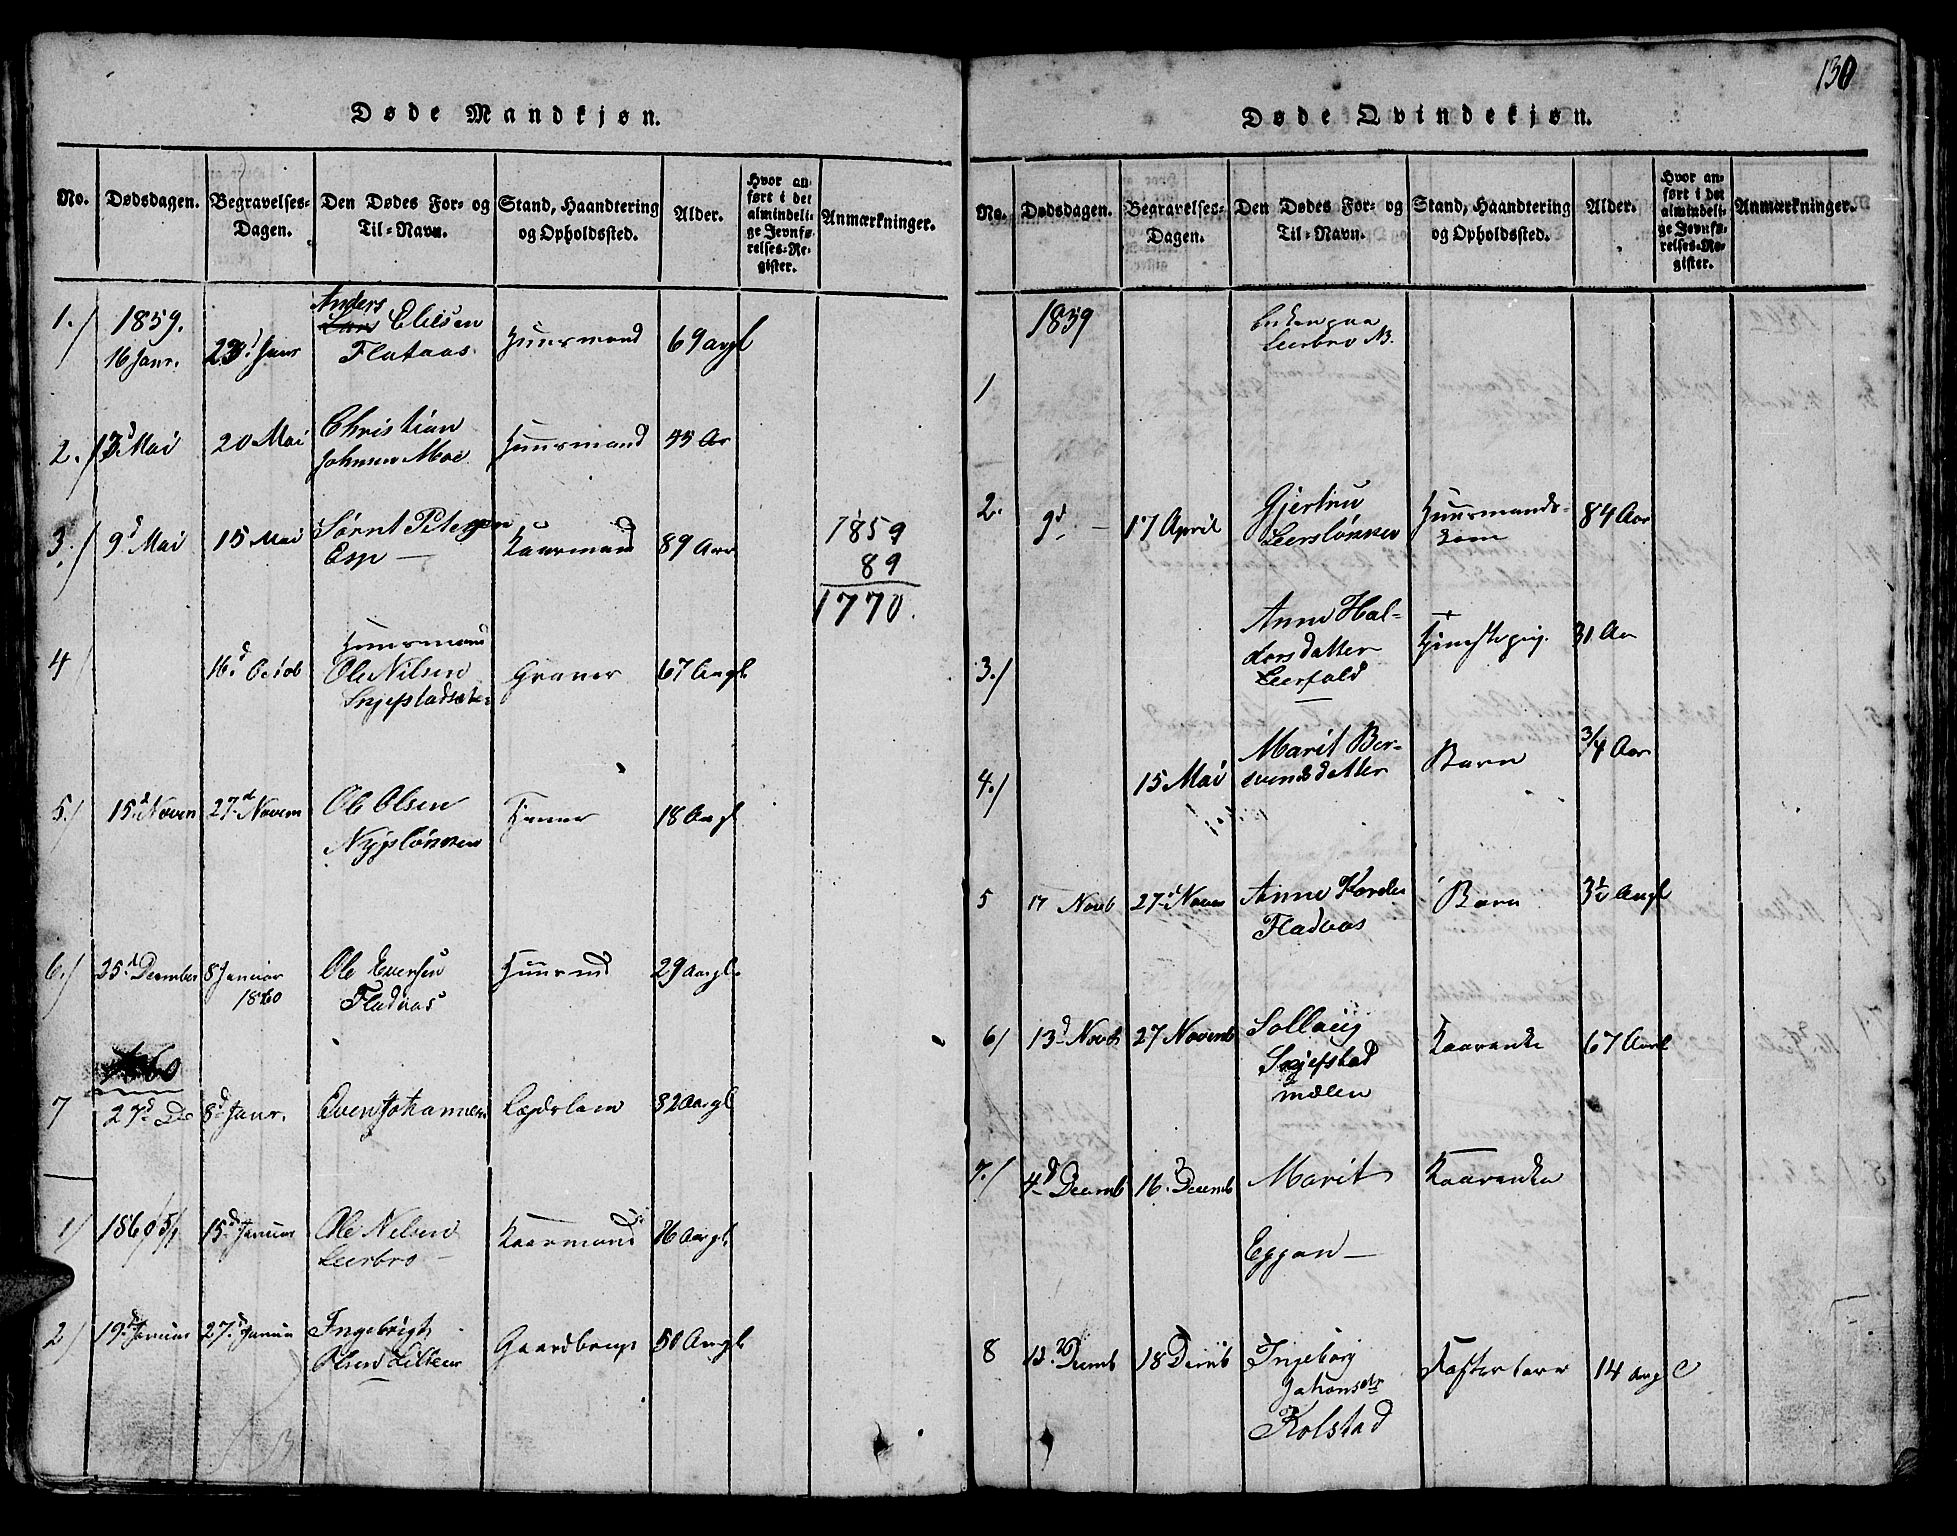 SAT, Ministerialprotokoller, klokkerbøker og fødselsregistre - Sør-Trøndelag, 613/L0393: Klokkerbok nr. 613C01, 1816-1886, s. 130